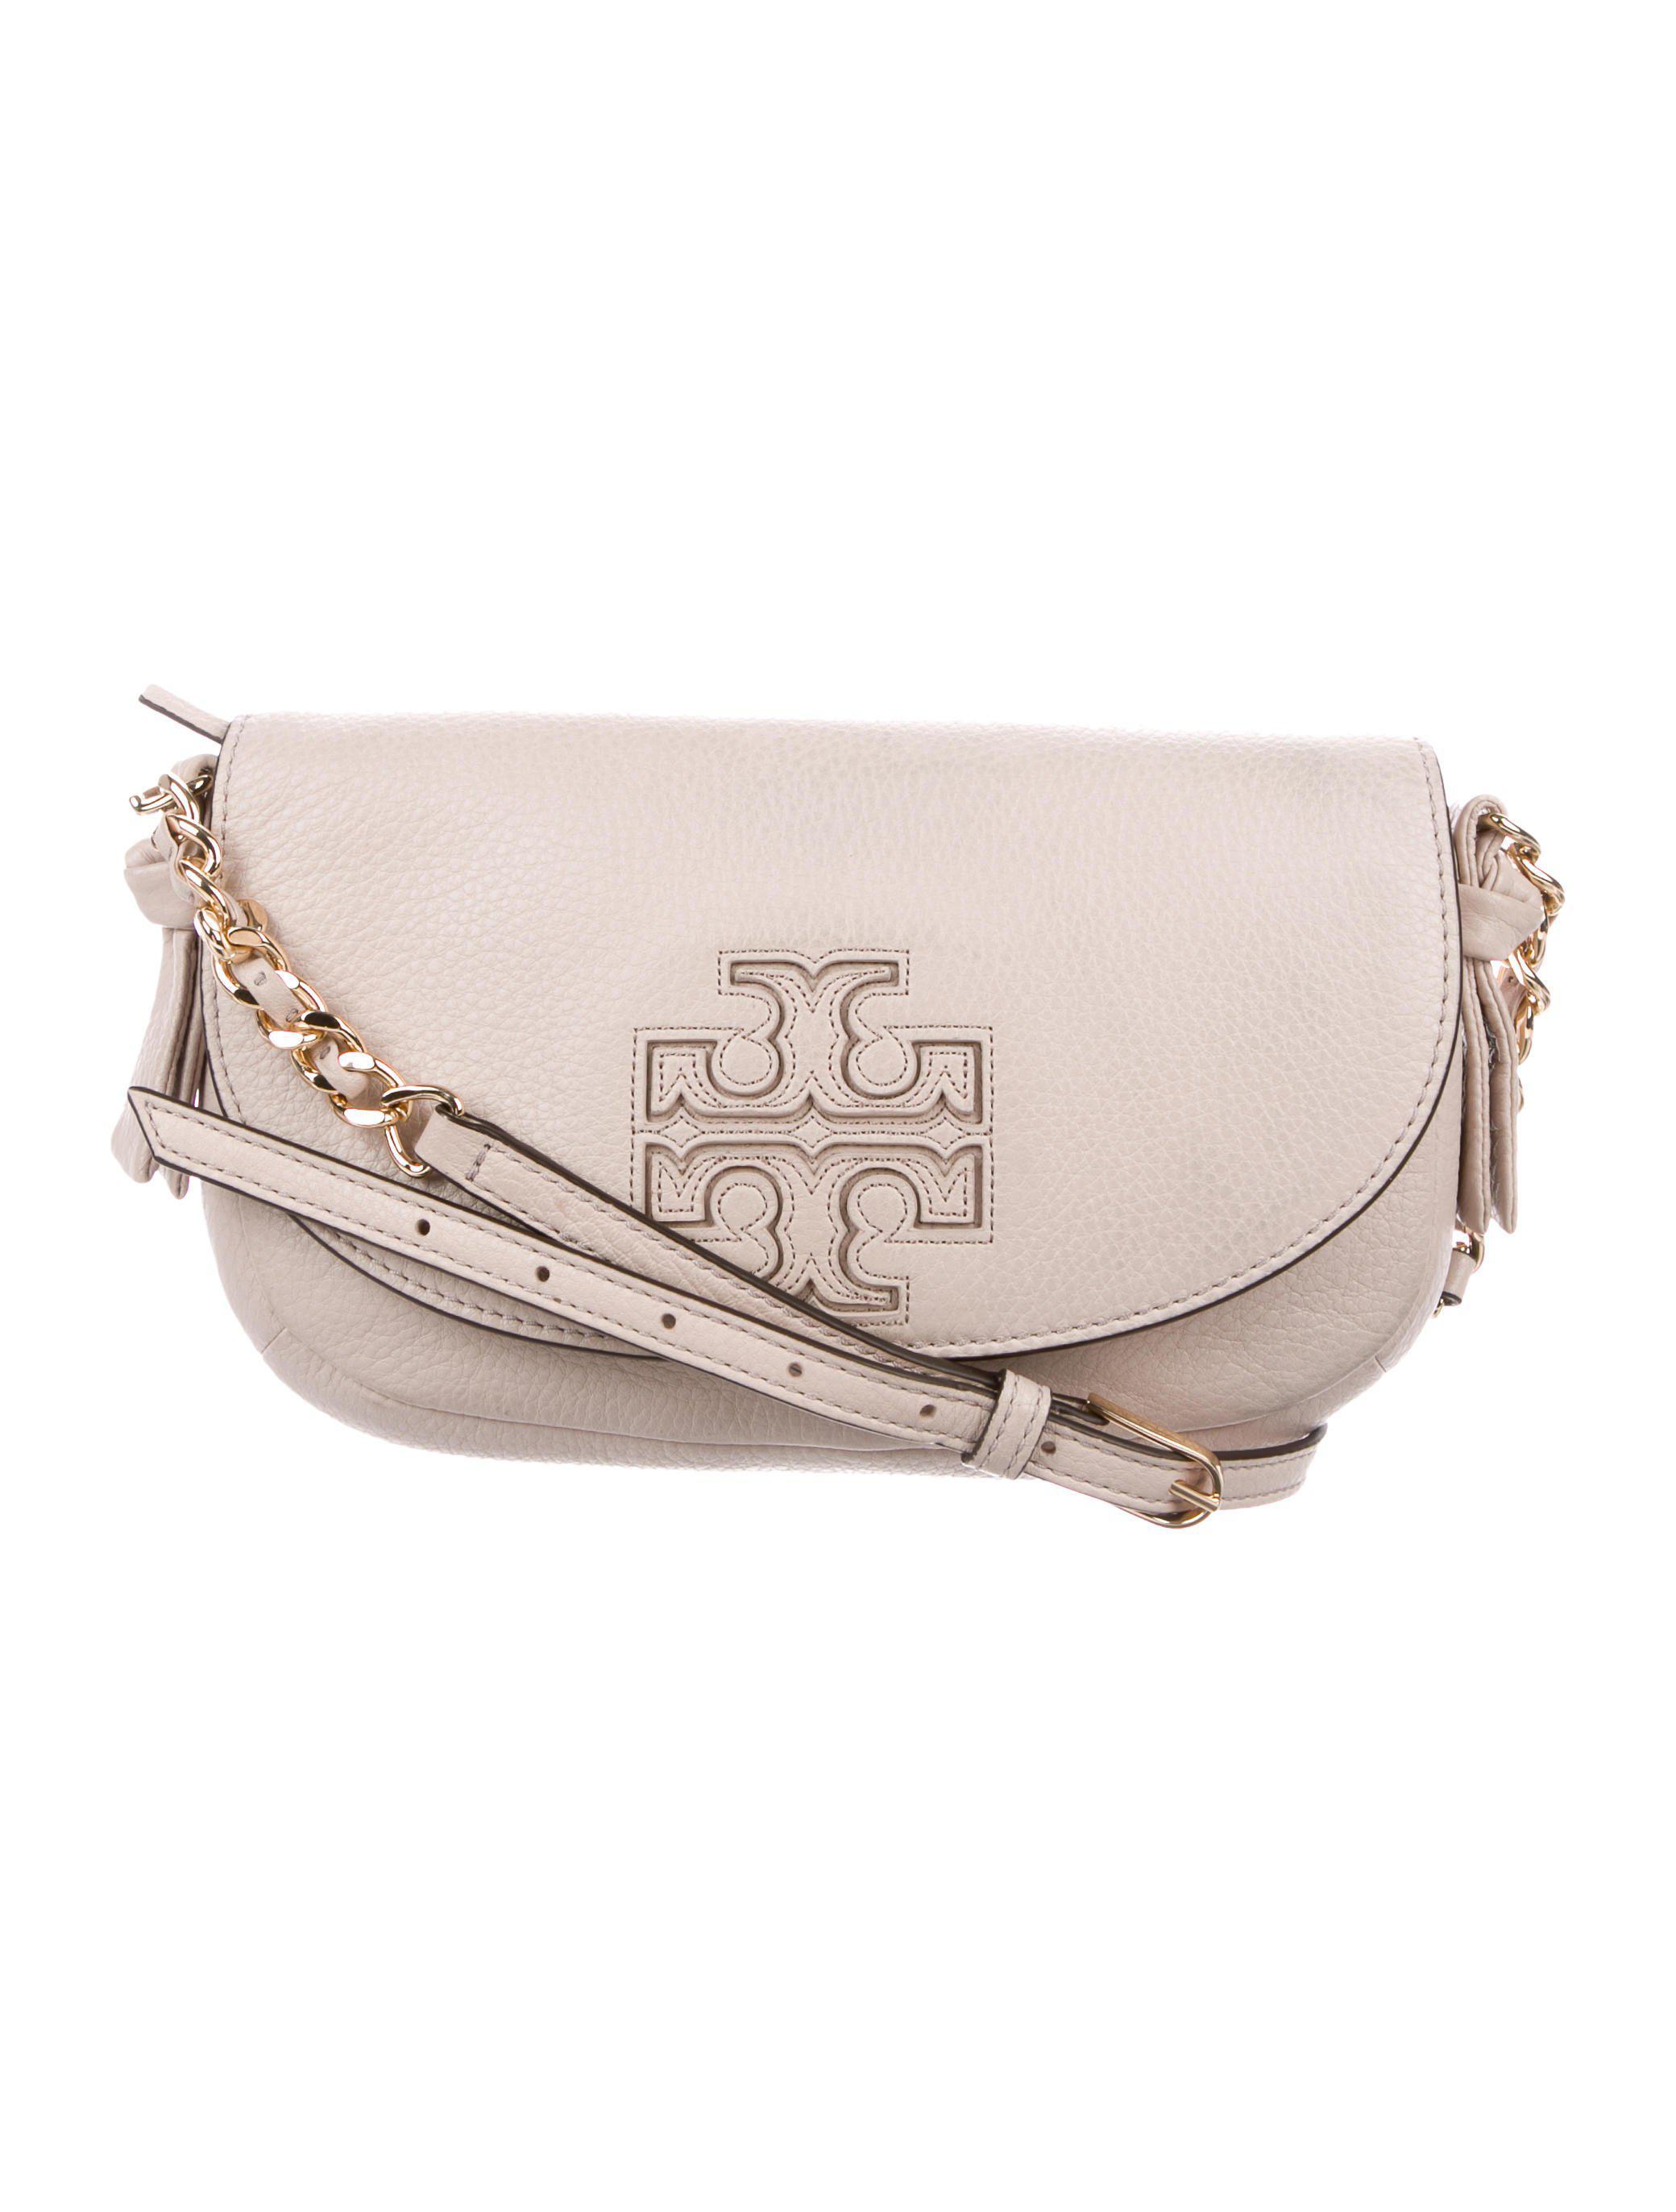 f7b3a3ddcea Lyst - Tory Burch Leather Logo Crossbody Bag Beige in Metallic